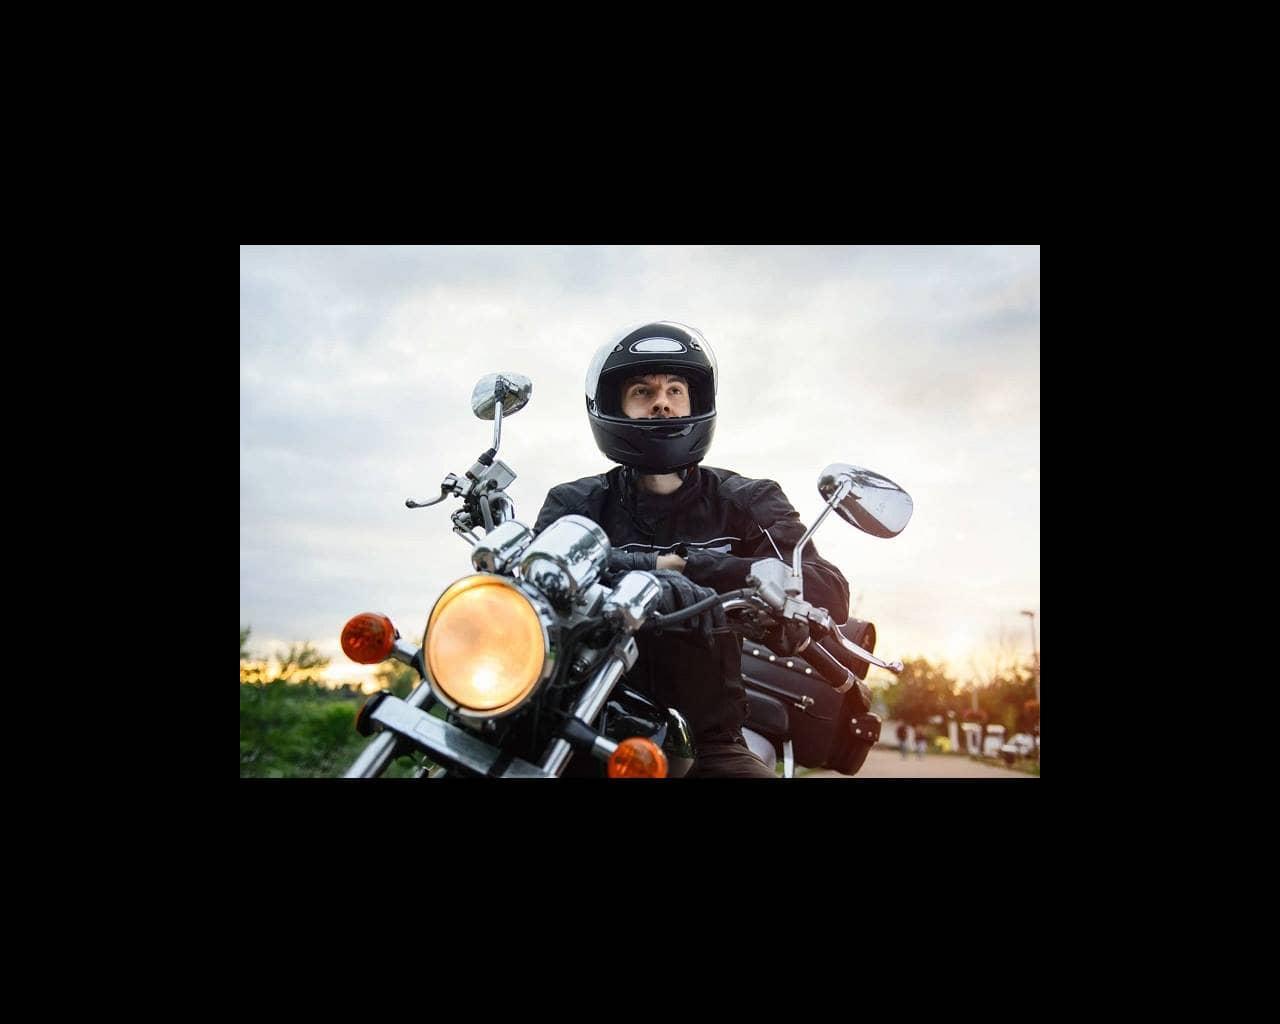 Biker wearing helmet on motorcycle